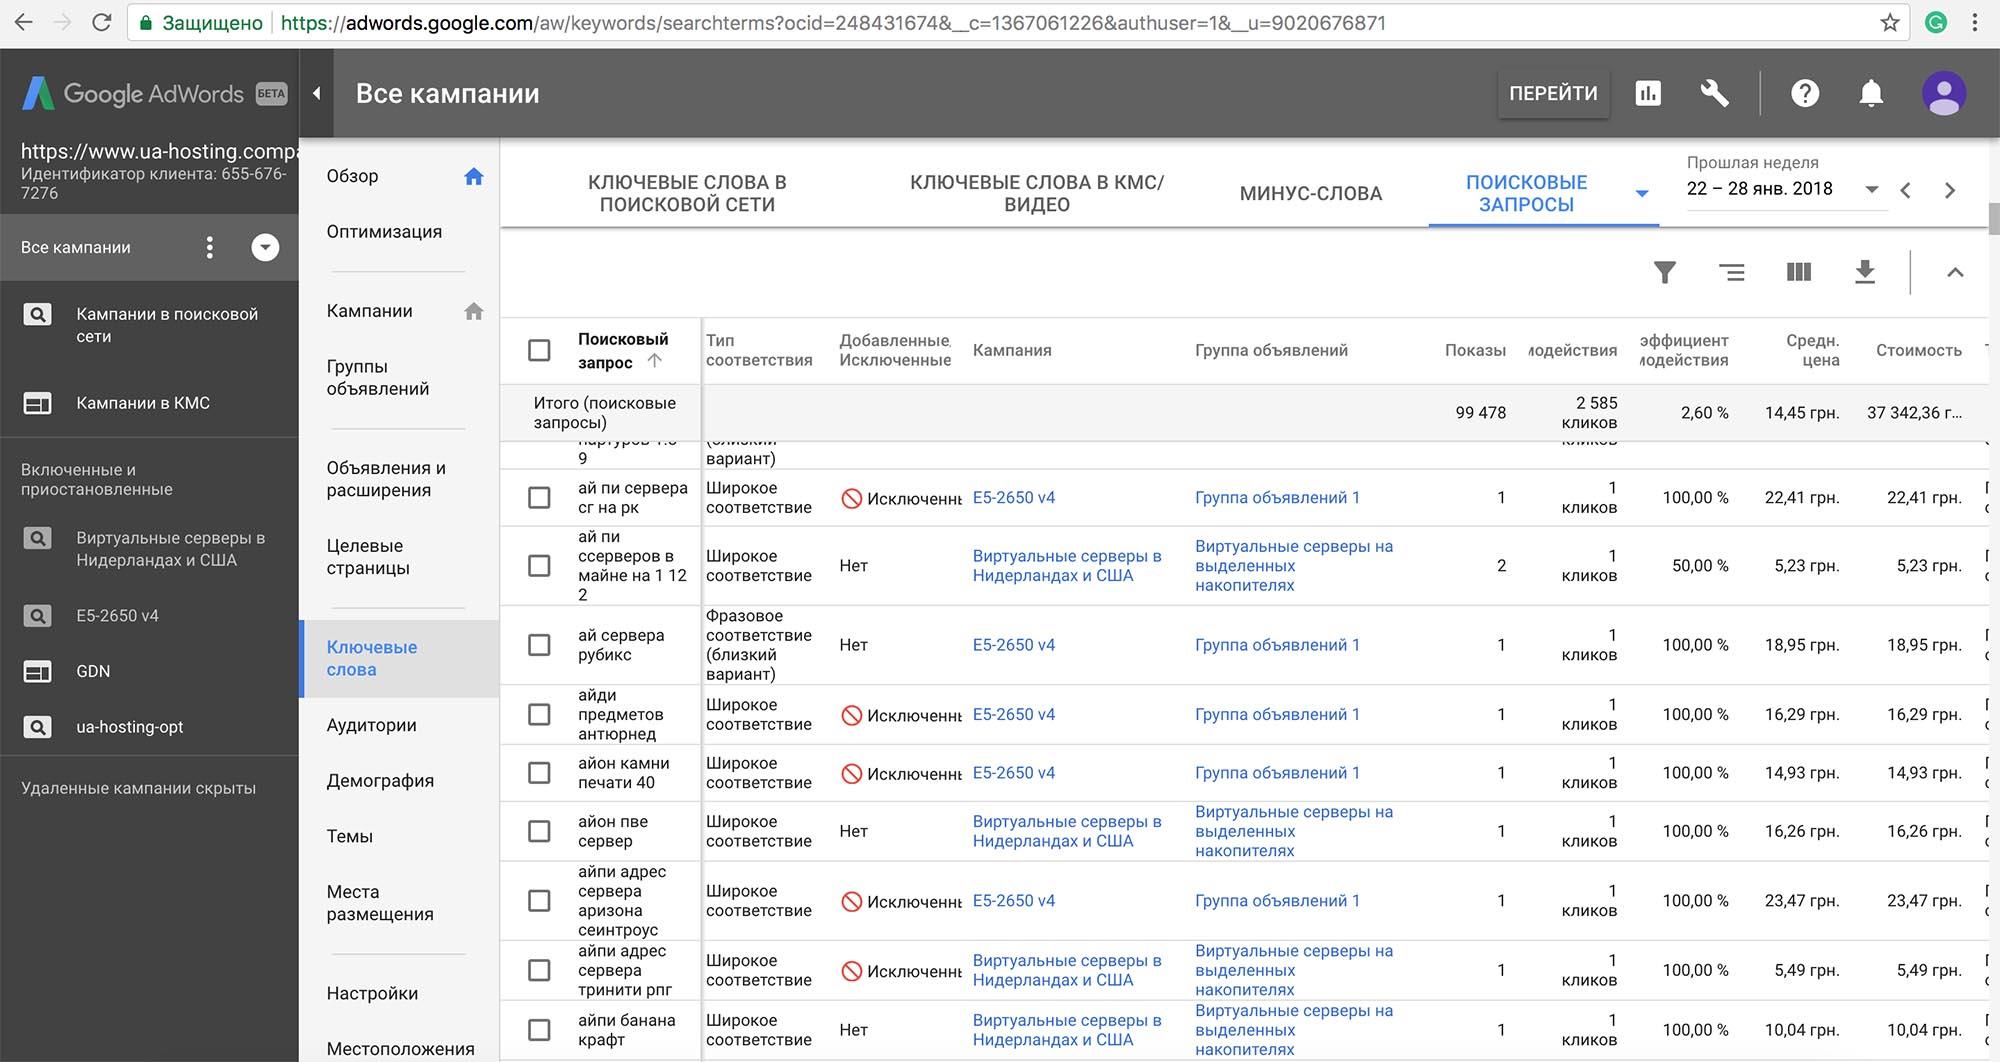 Платный хостинг гугл как зайти на хостинг своего сайта